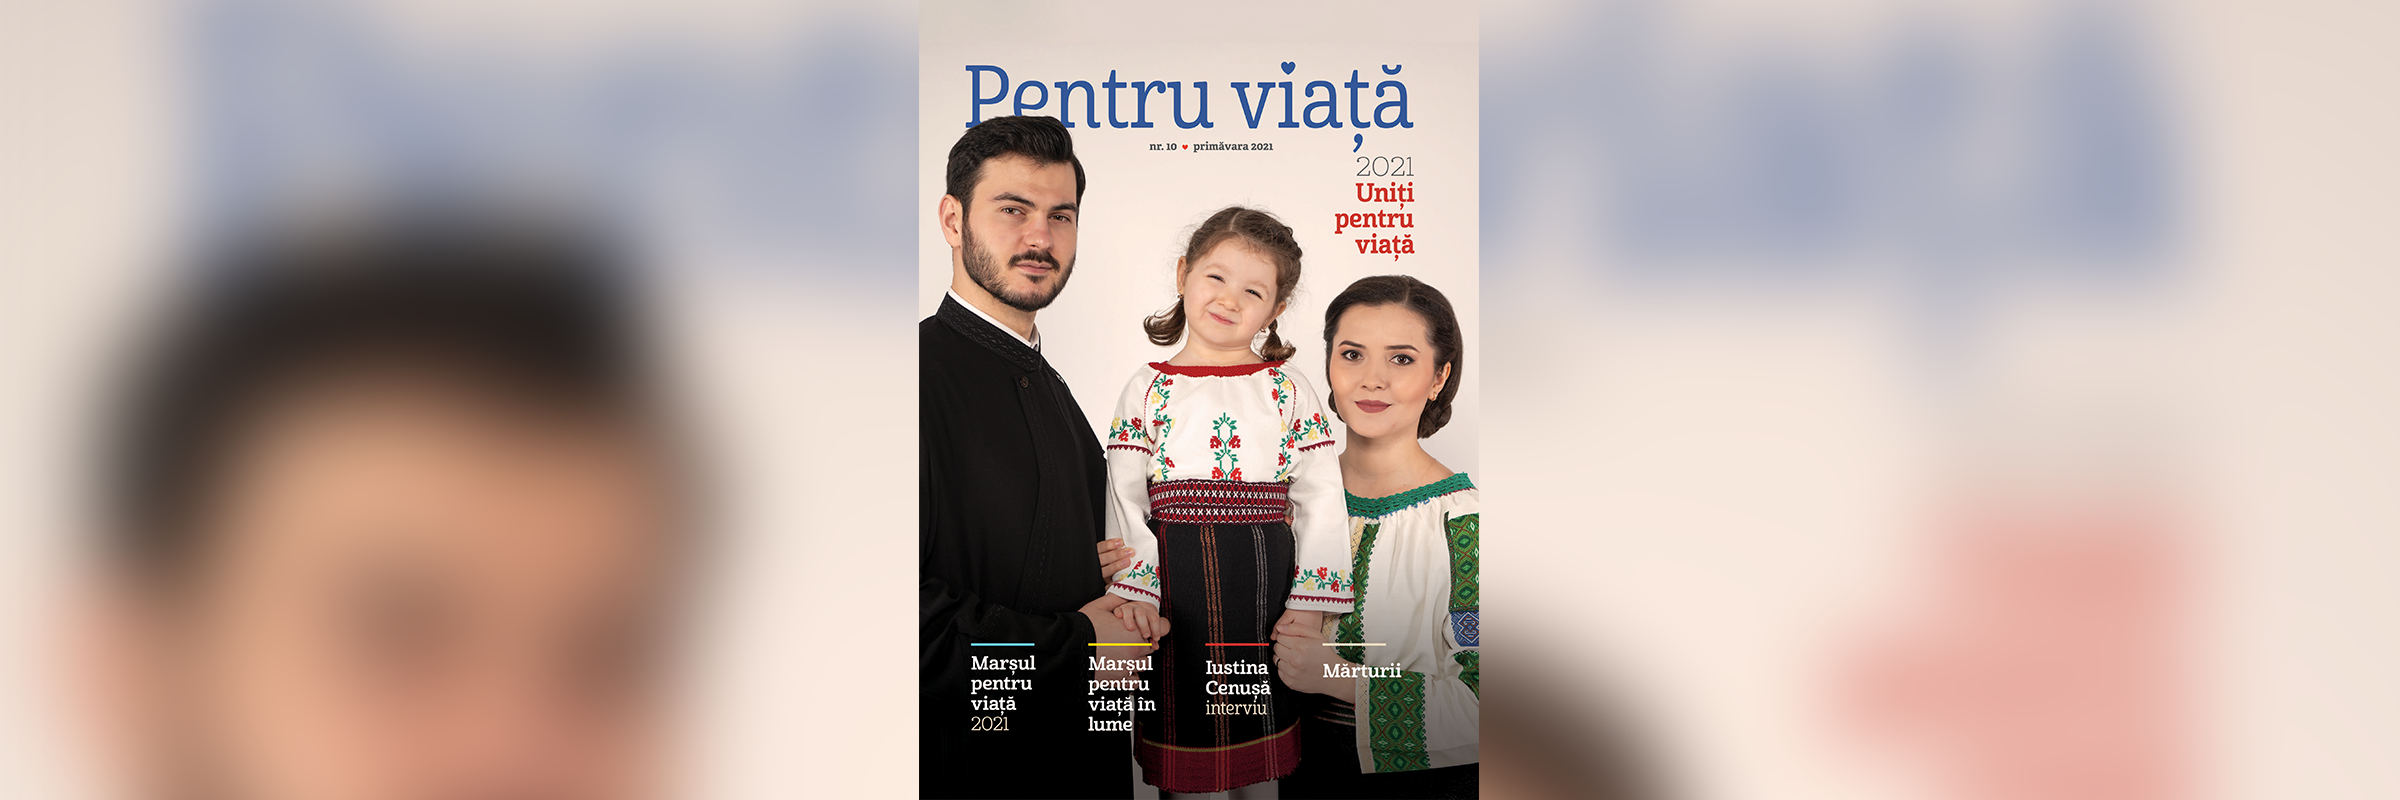 revista_pv_foto